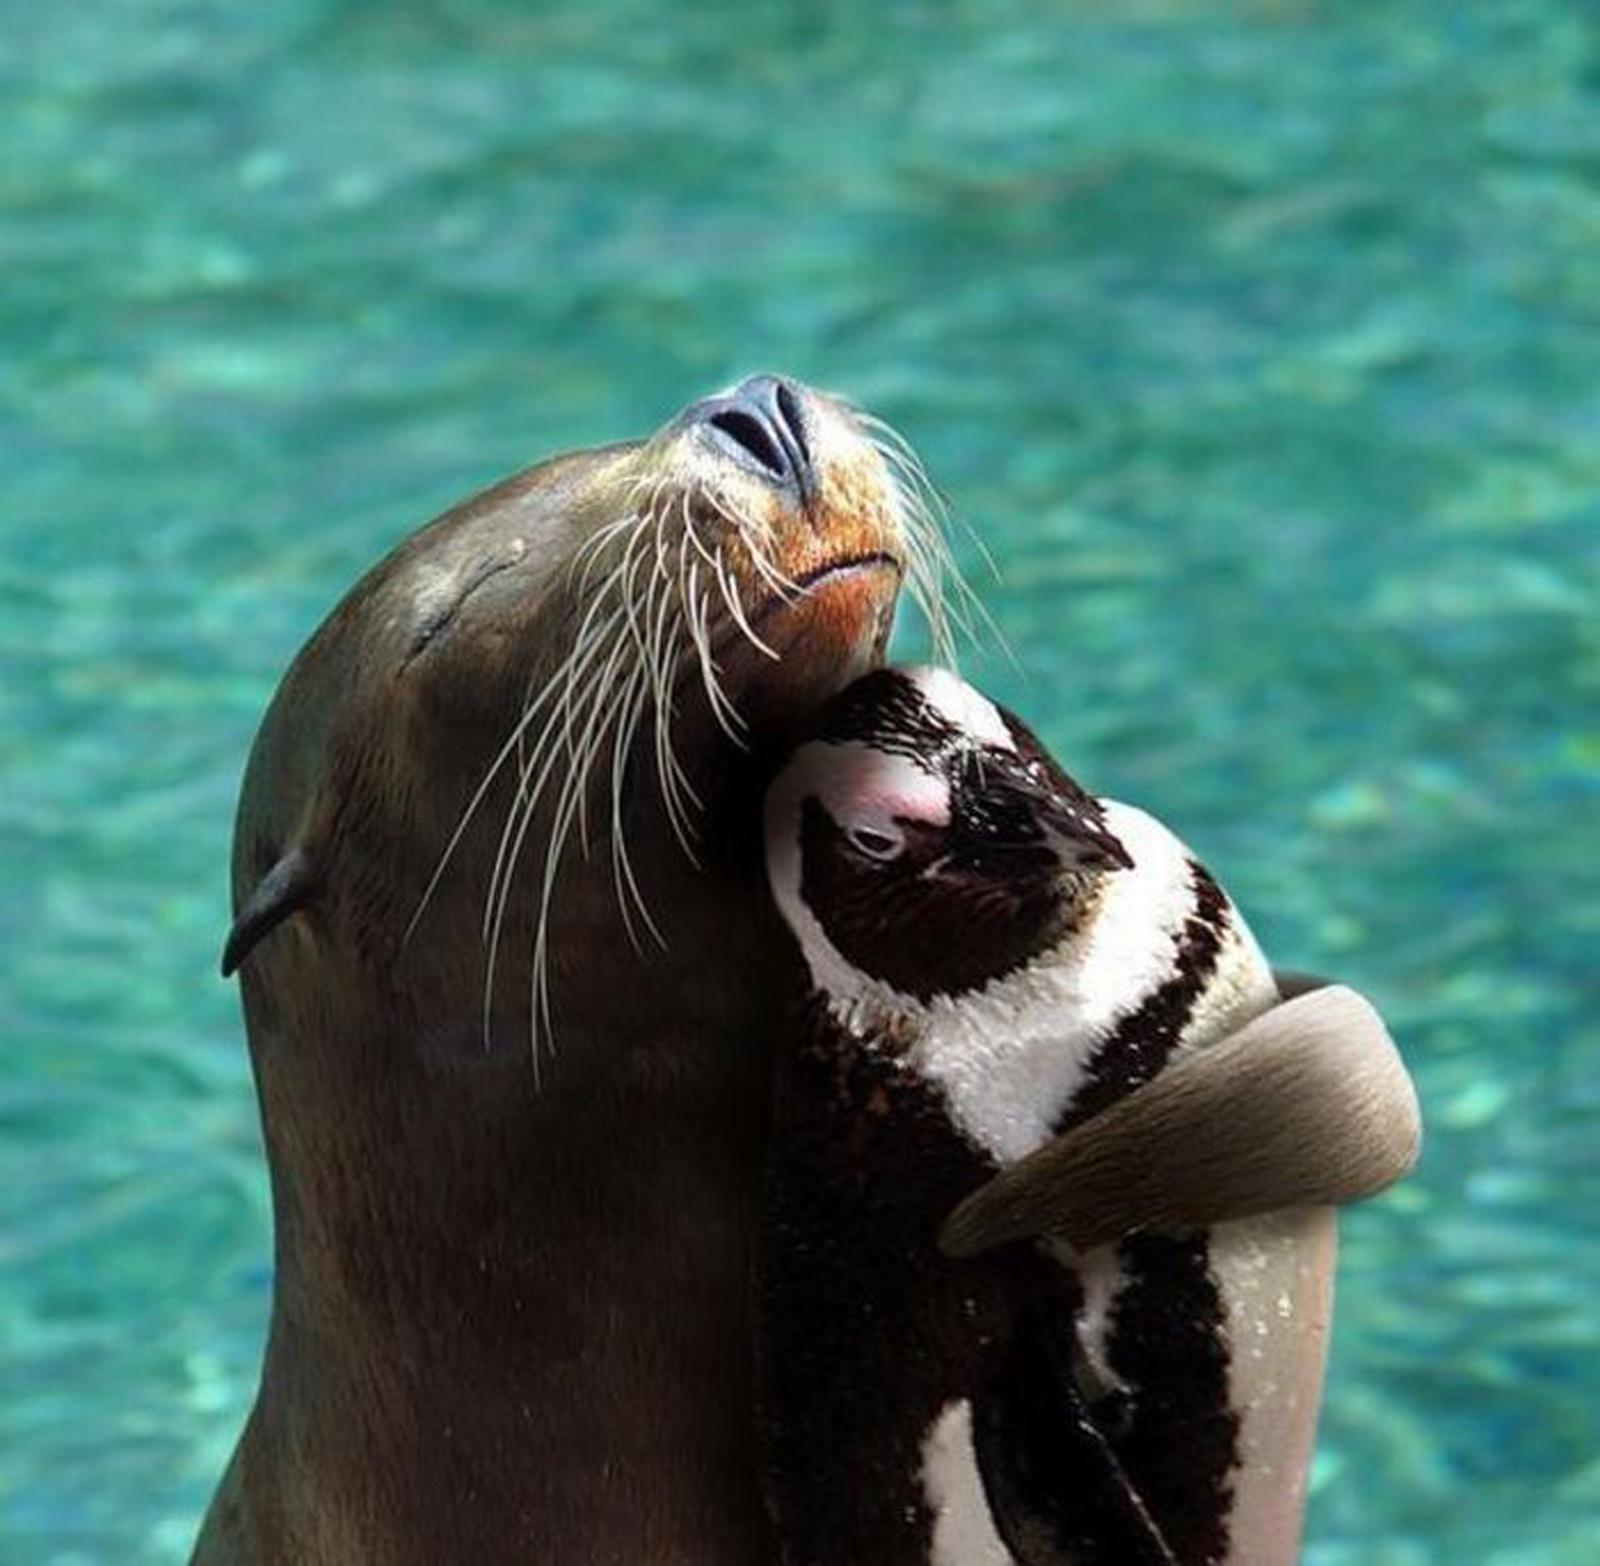 hayvanlar 16 - Sevimli Hayvan Resimleri